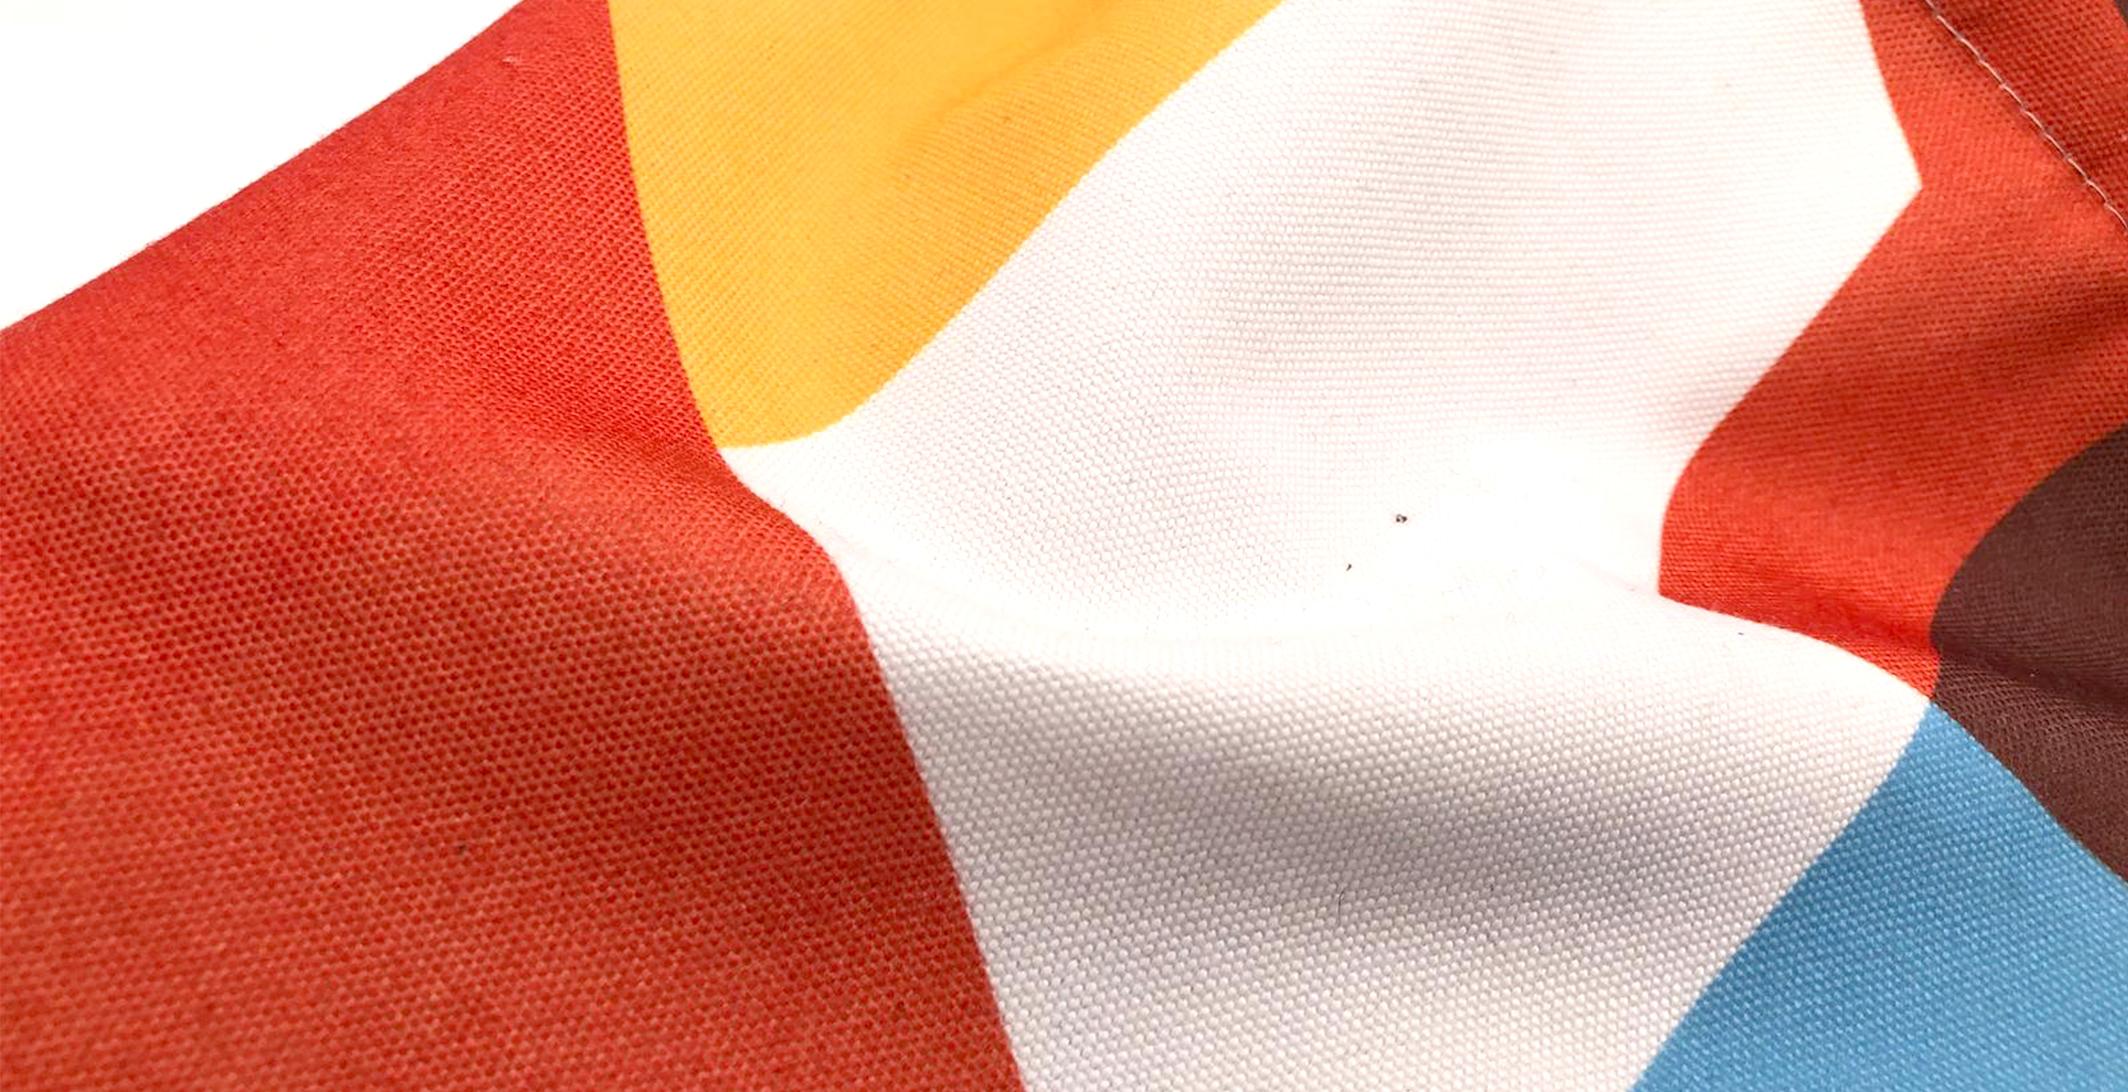 dye sublimation texture